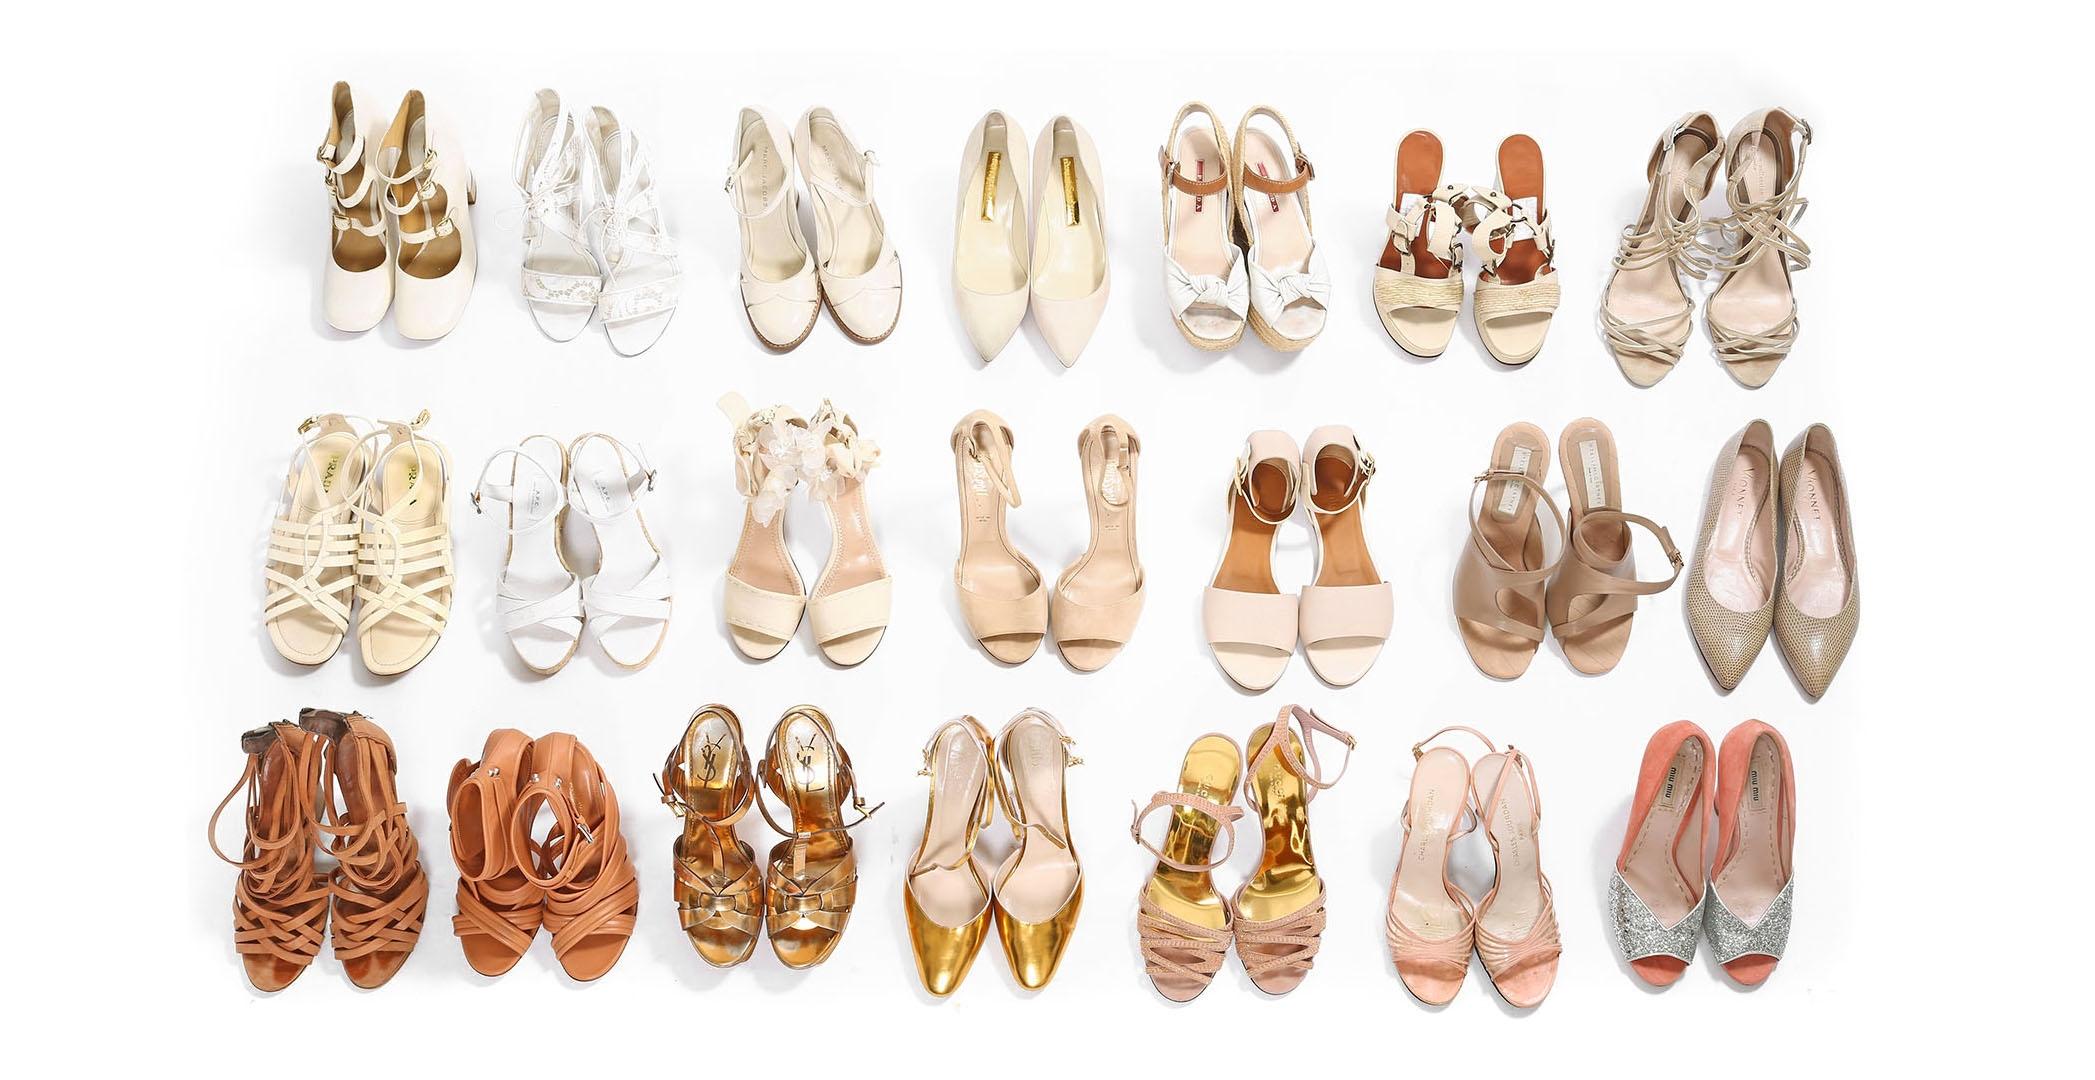 dfce6f47086497 chaussures de mariées femme de luxe authentique maison de couture parisienne